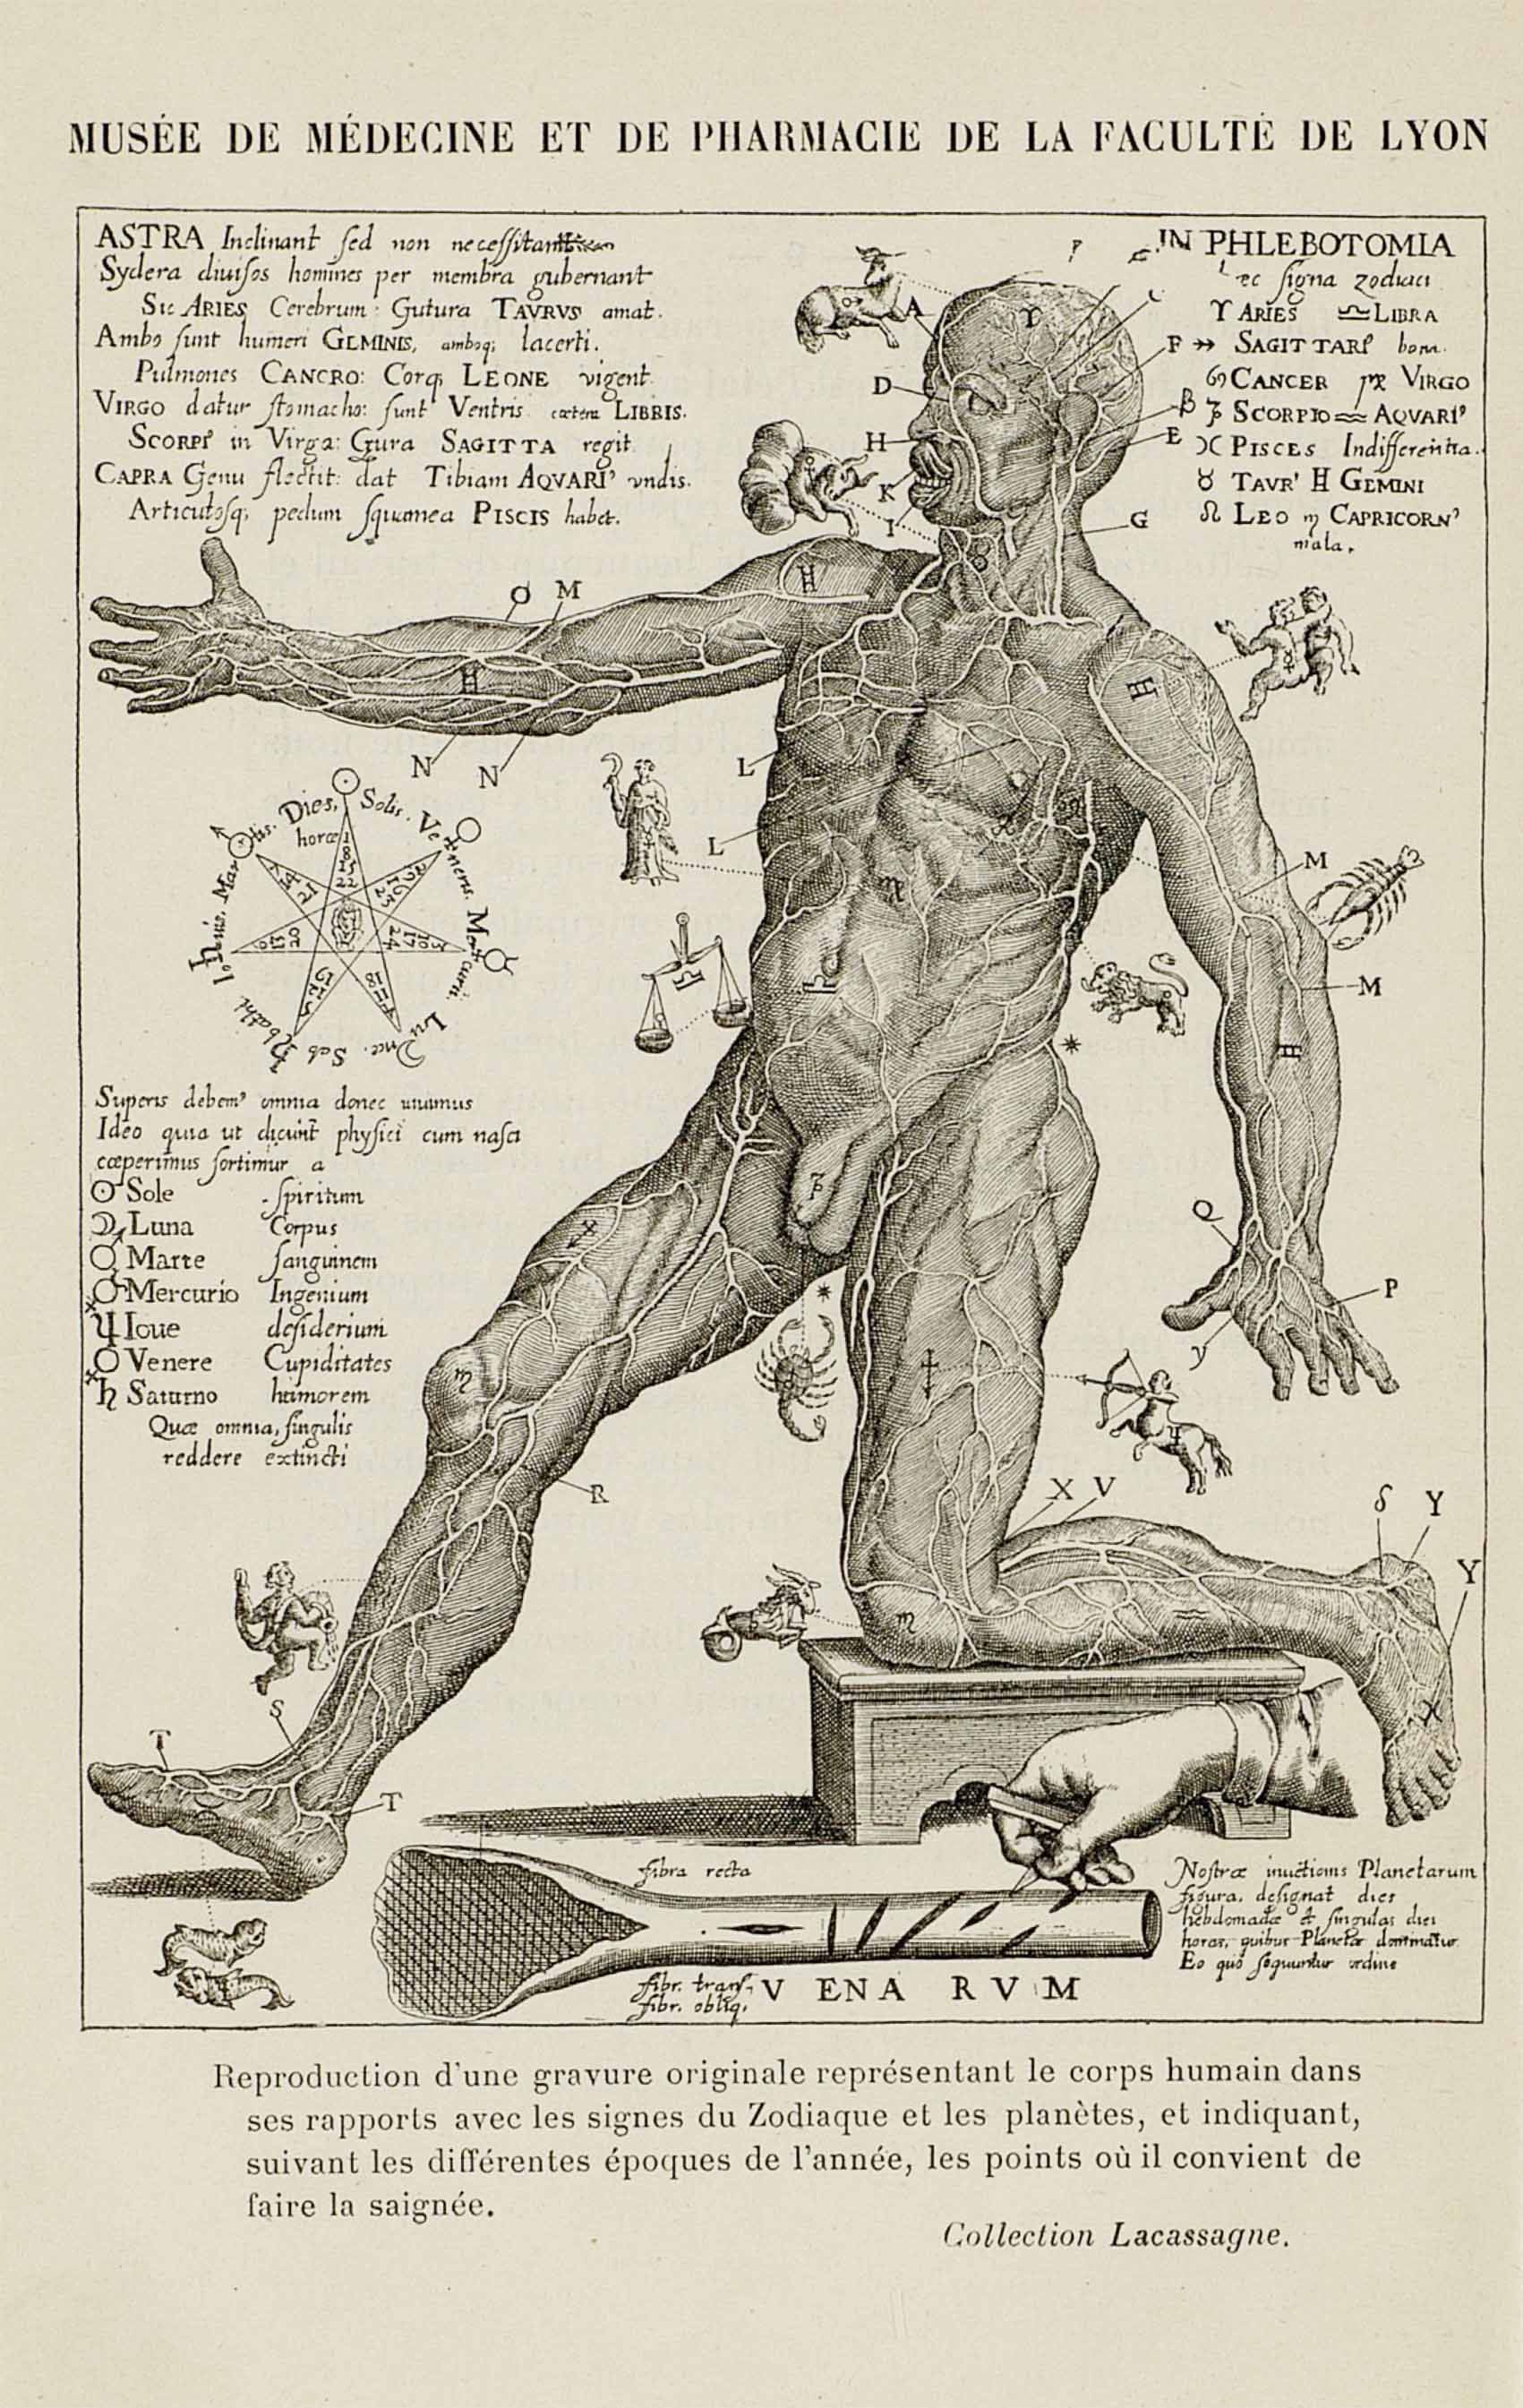 La médecine astrologique